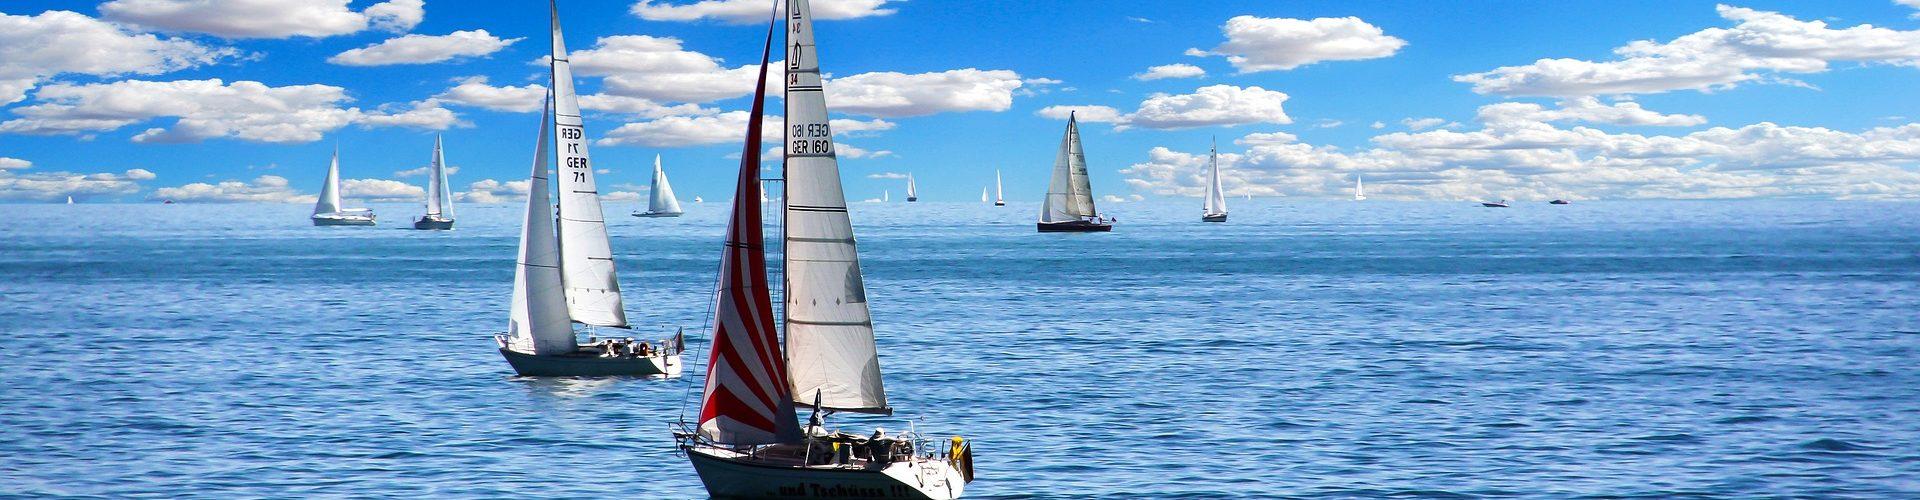 segeln lernen in Zempin segelschein machen in Zempin 1920x500 - Segeln lernen in Zempin